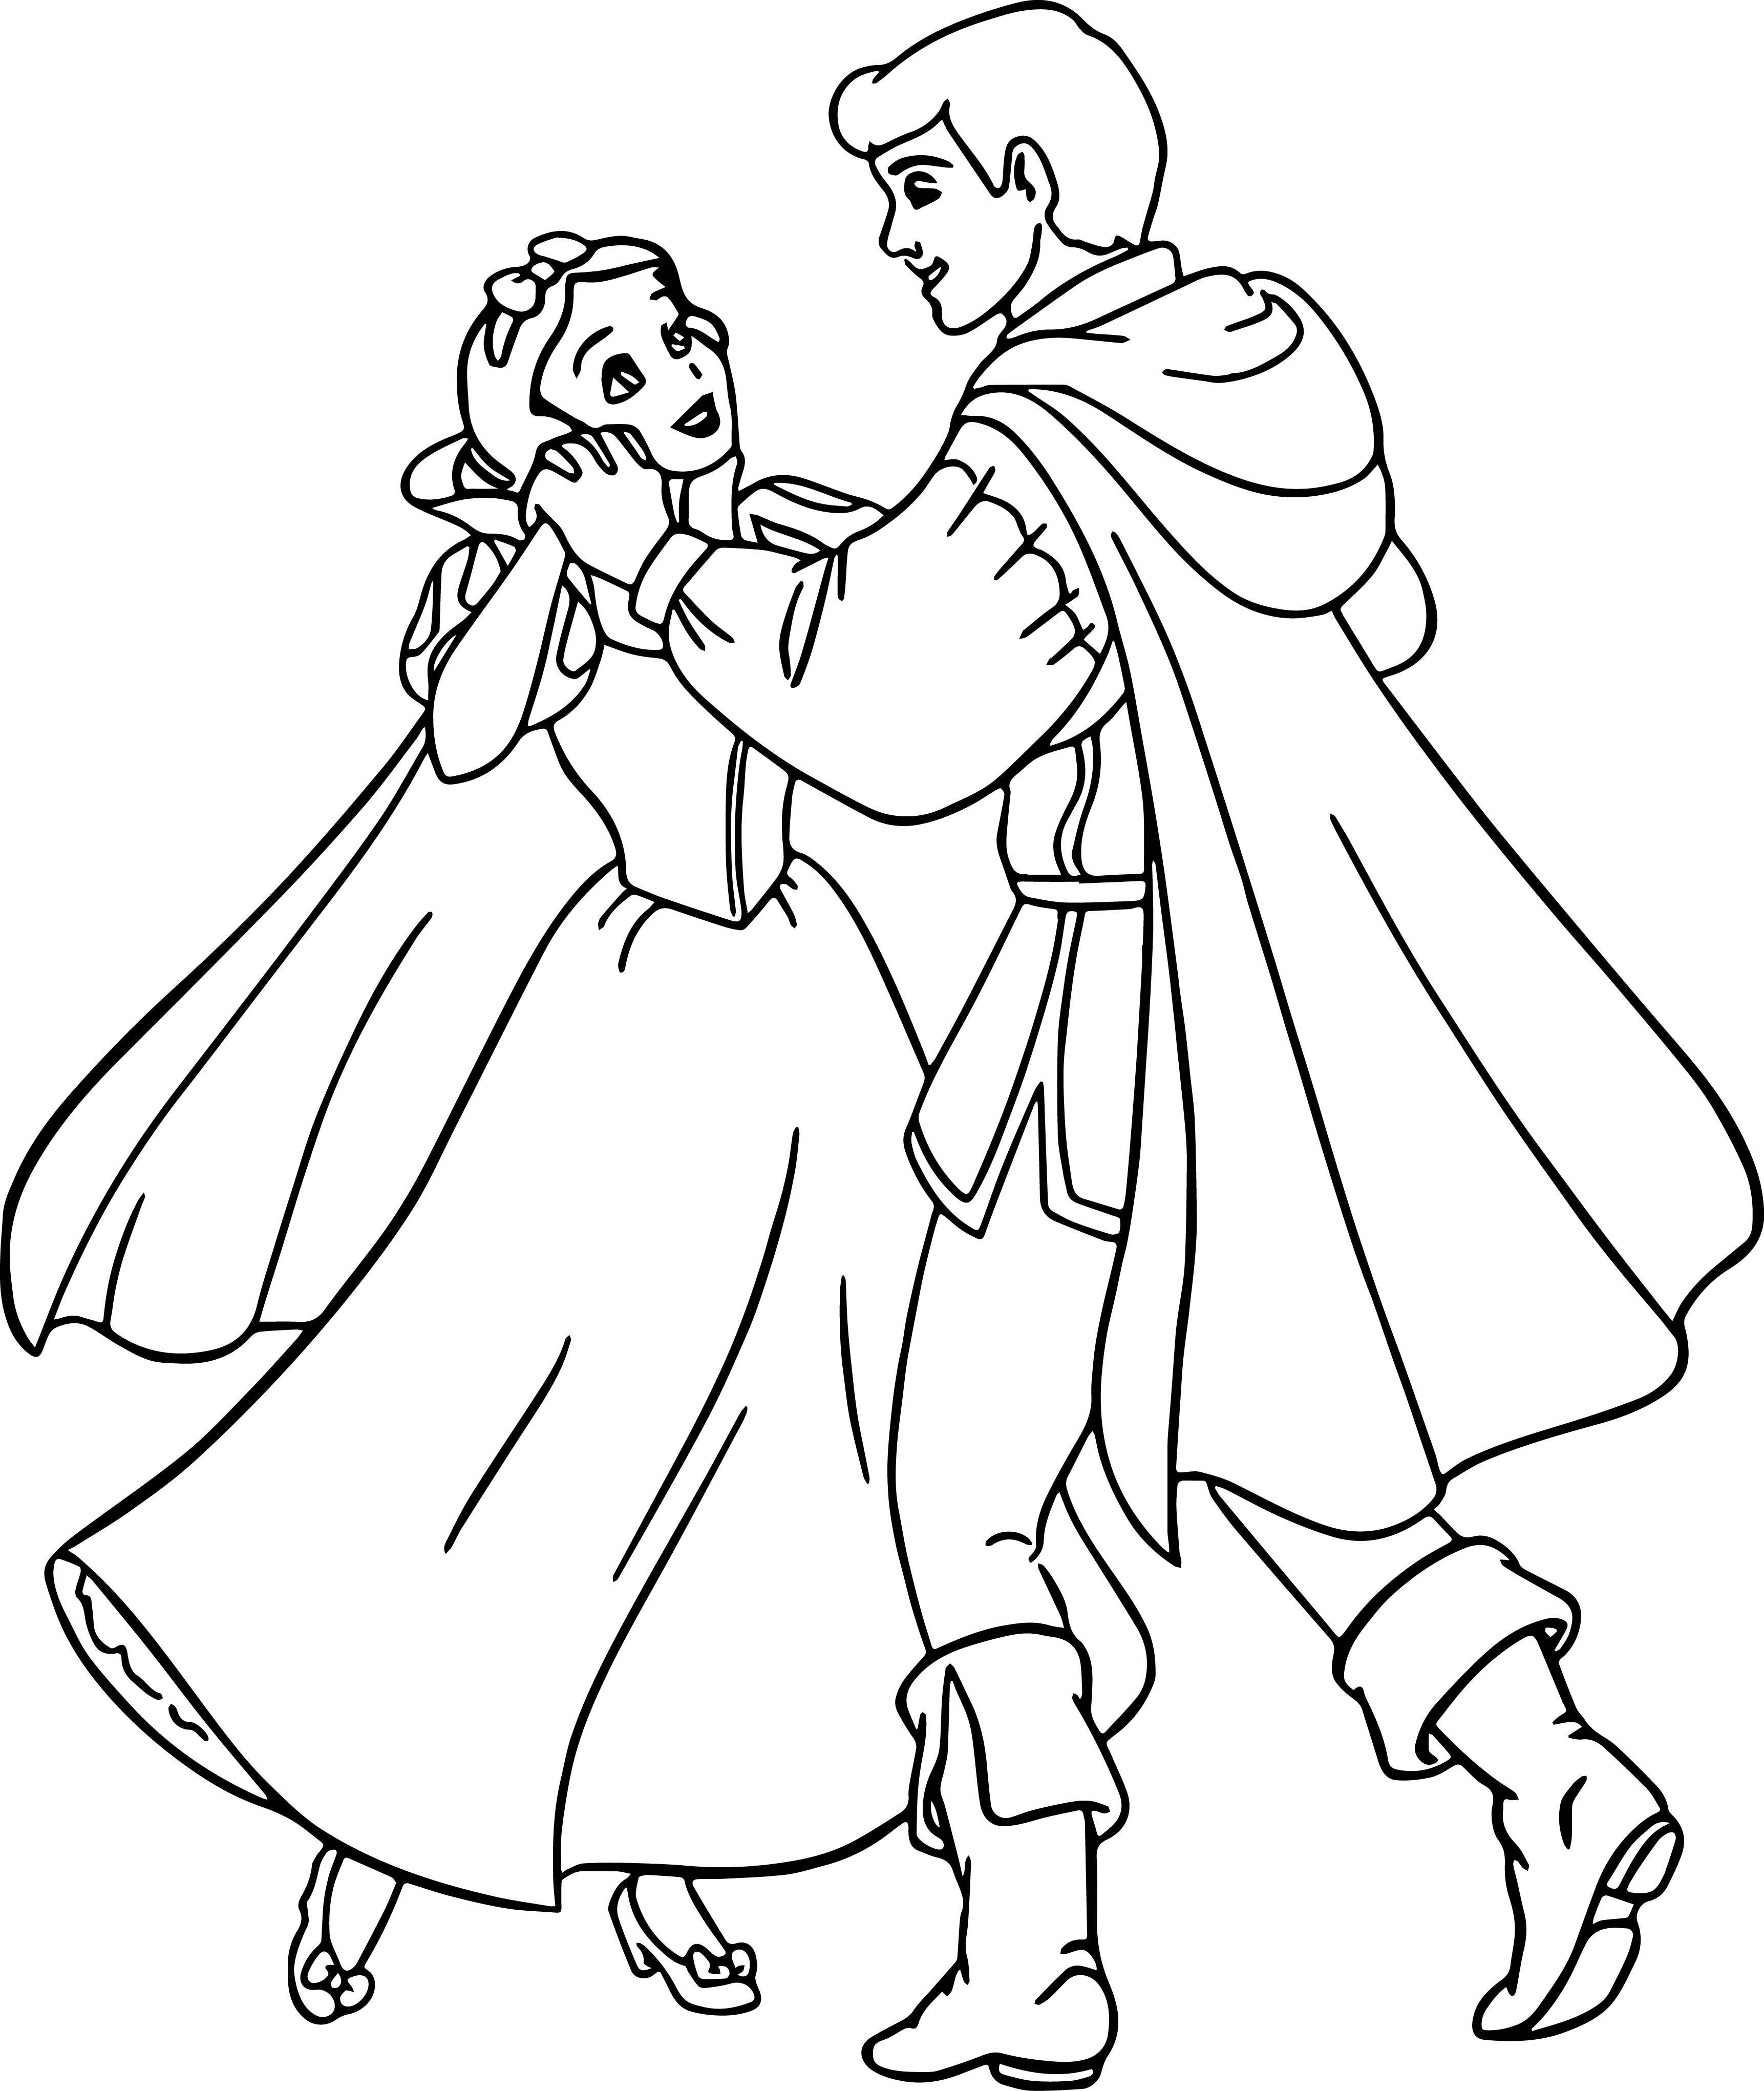 Tranh tô màu nàng Bạch Tuyết và hoàng tử